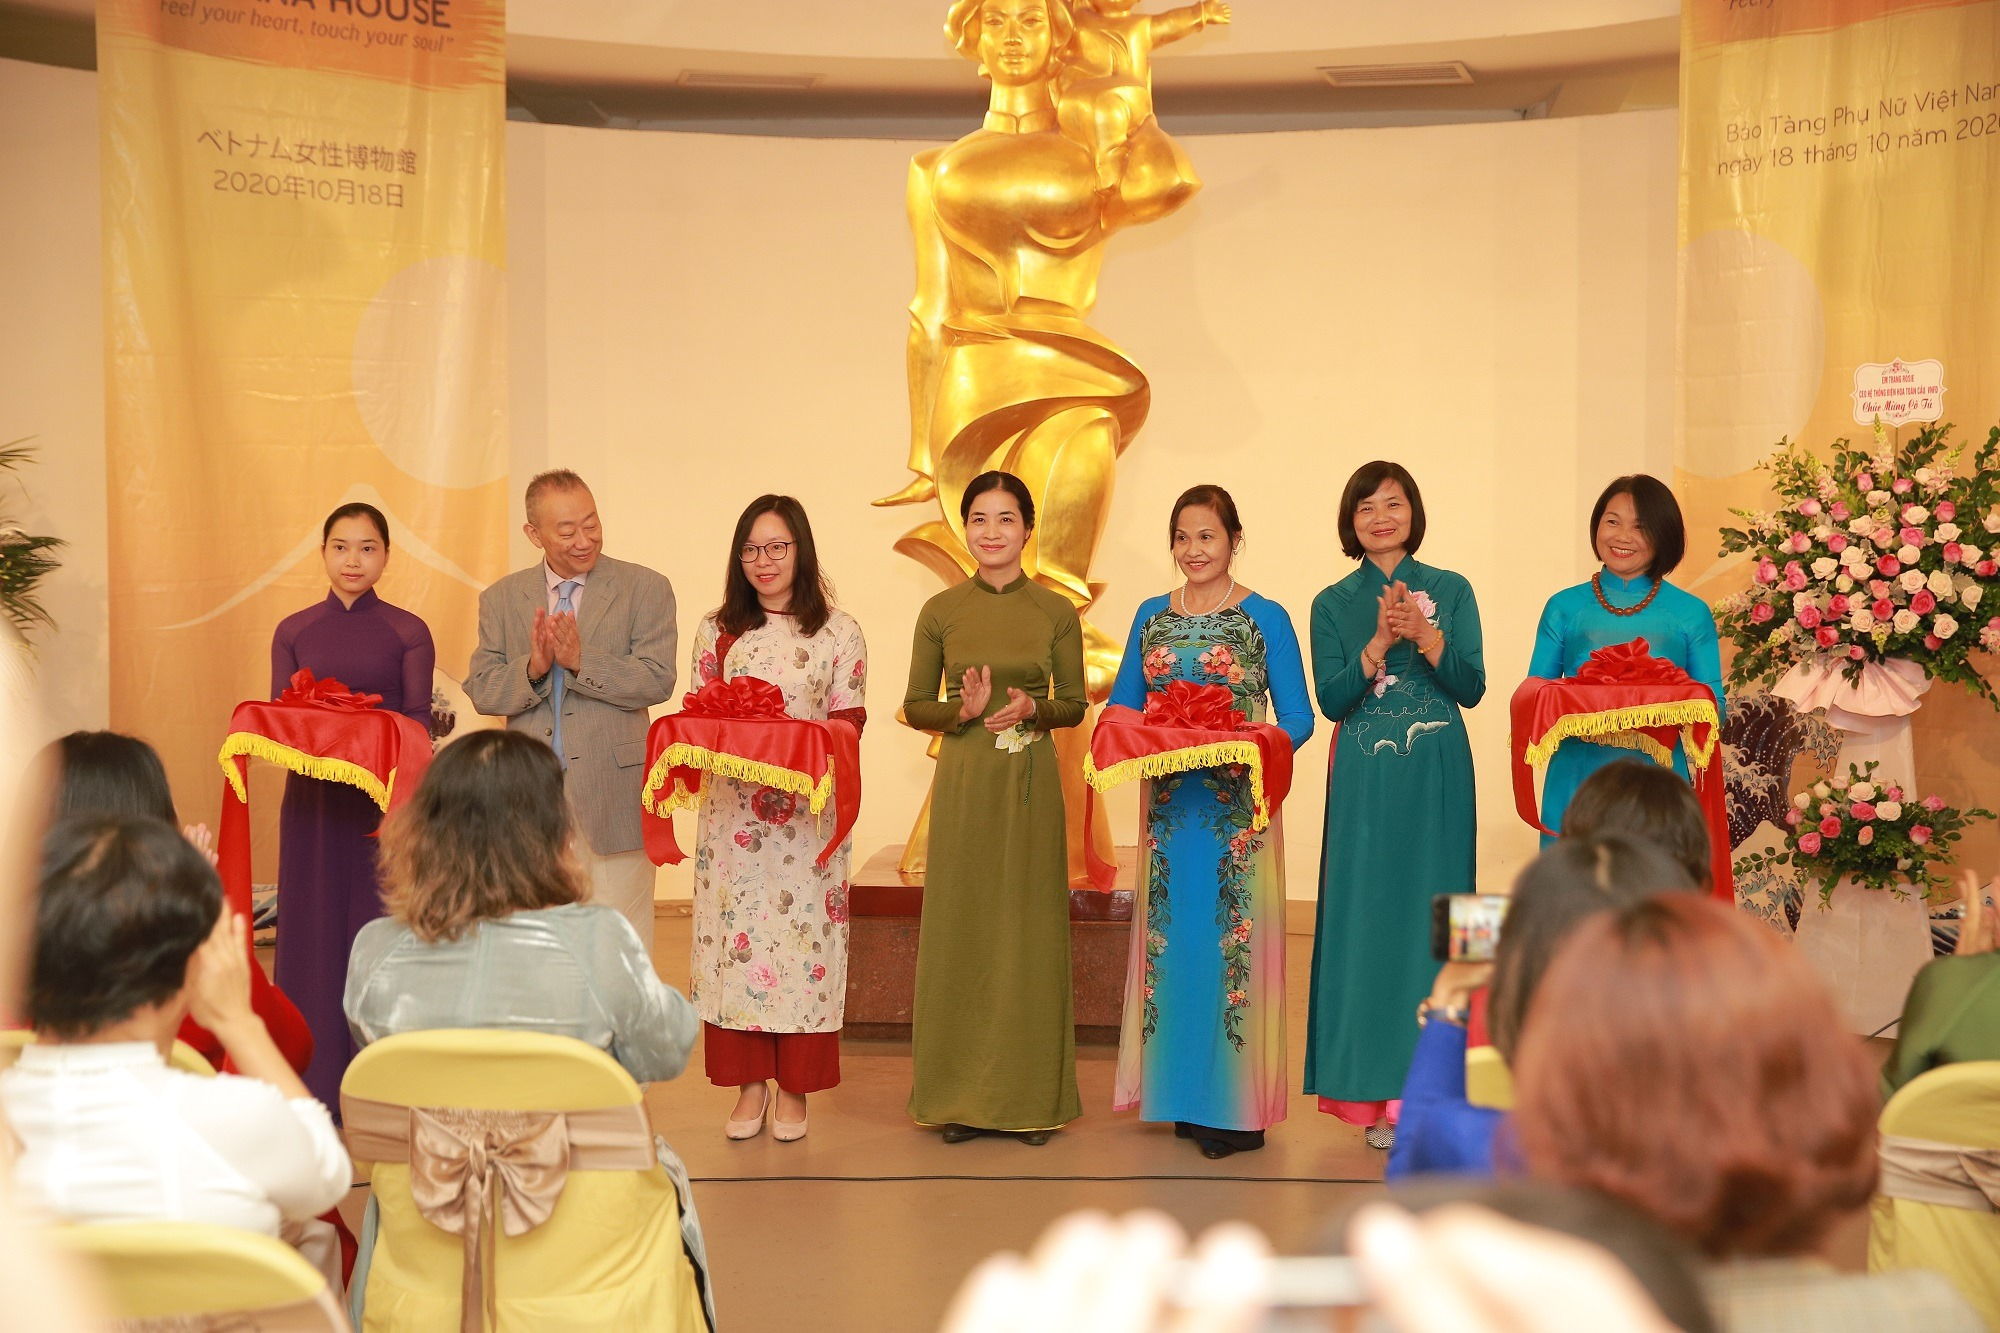 Sự kiện Ra mắt không gian giao lưu văn hóa Việt - Nhật